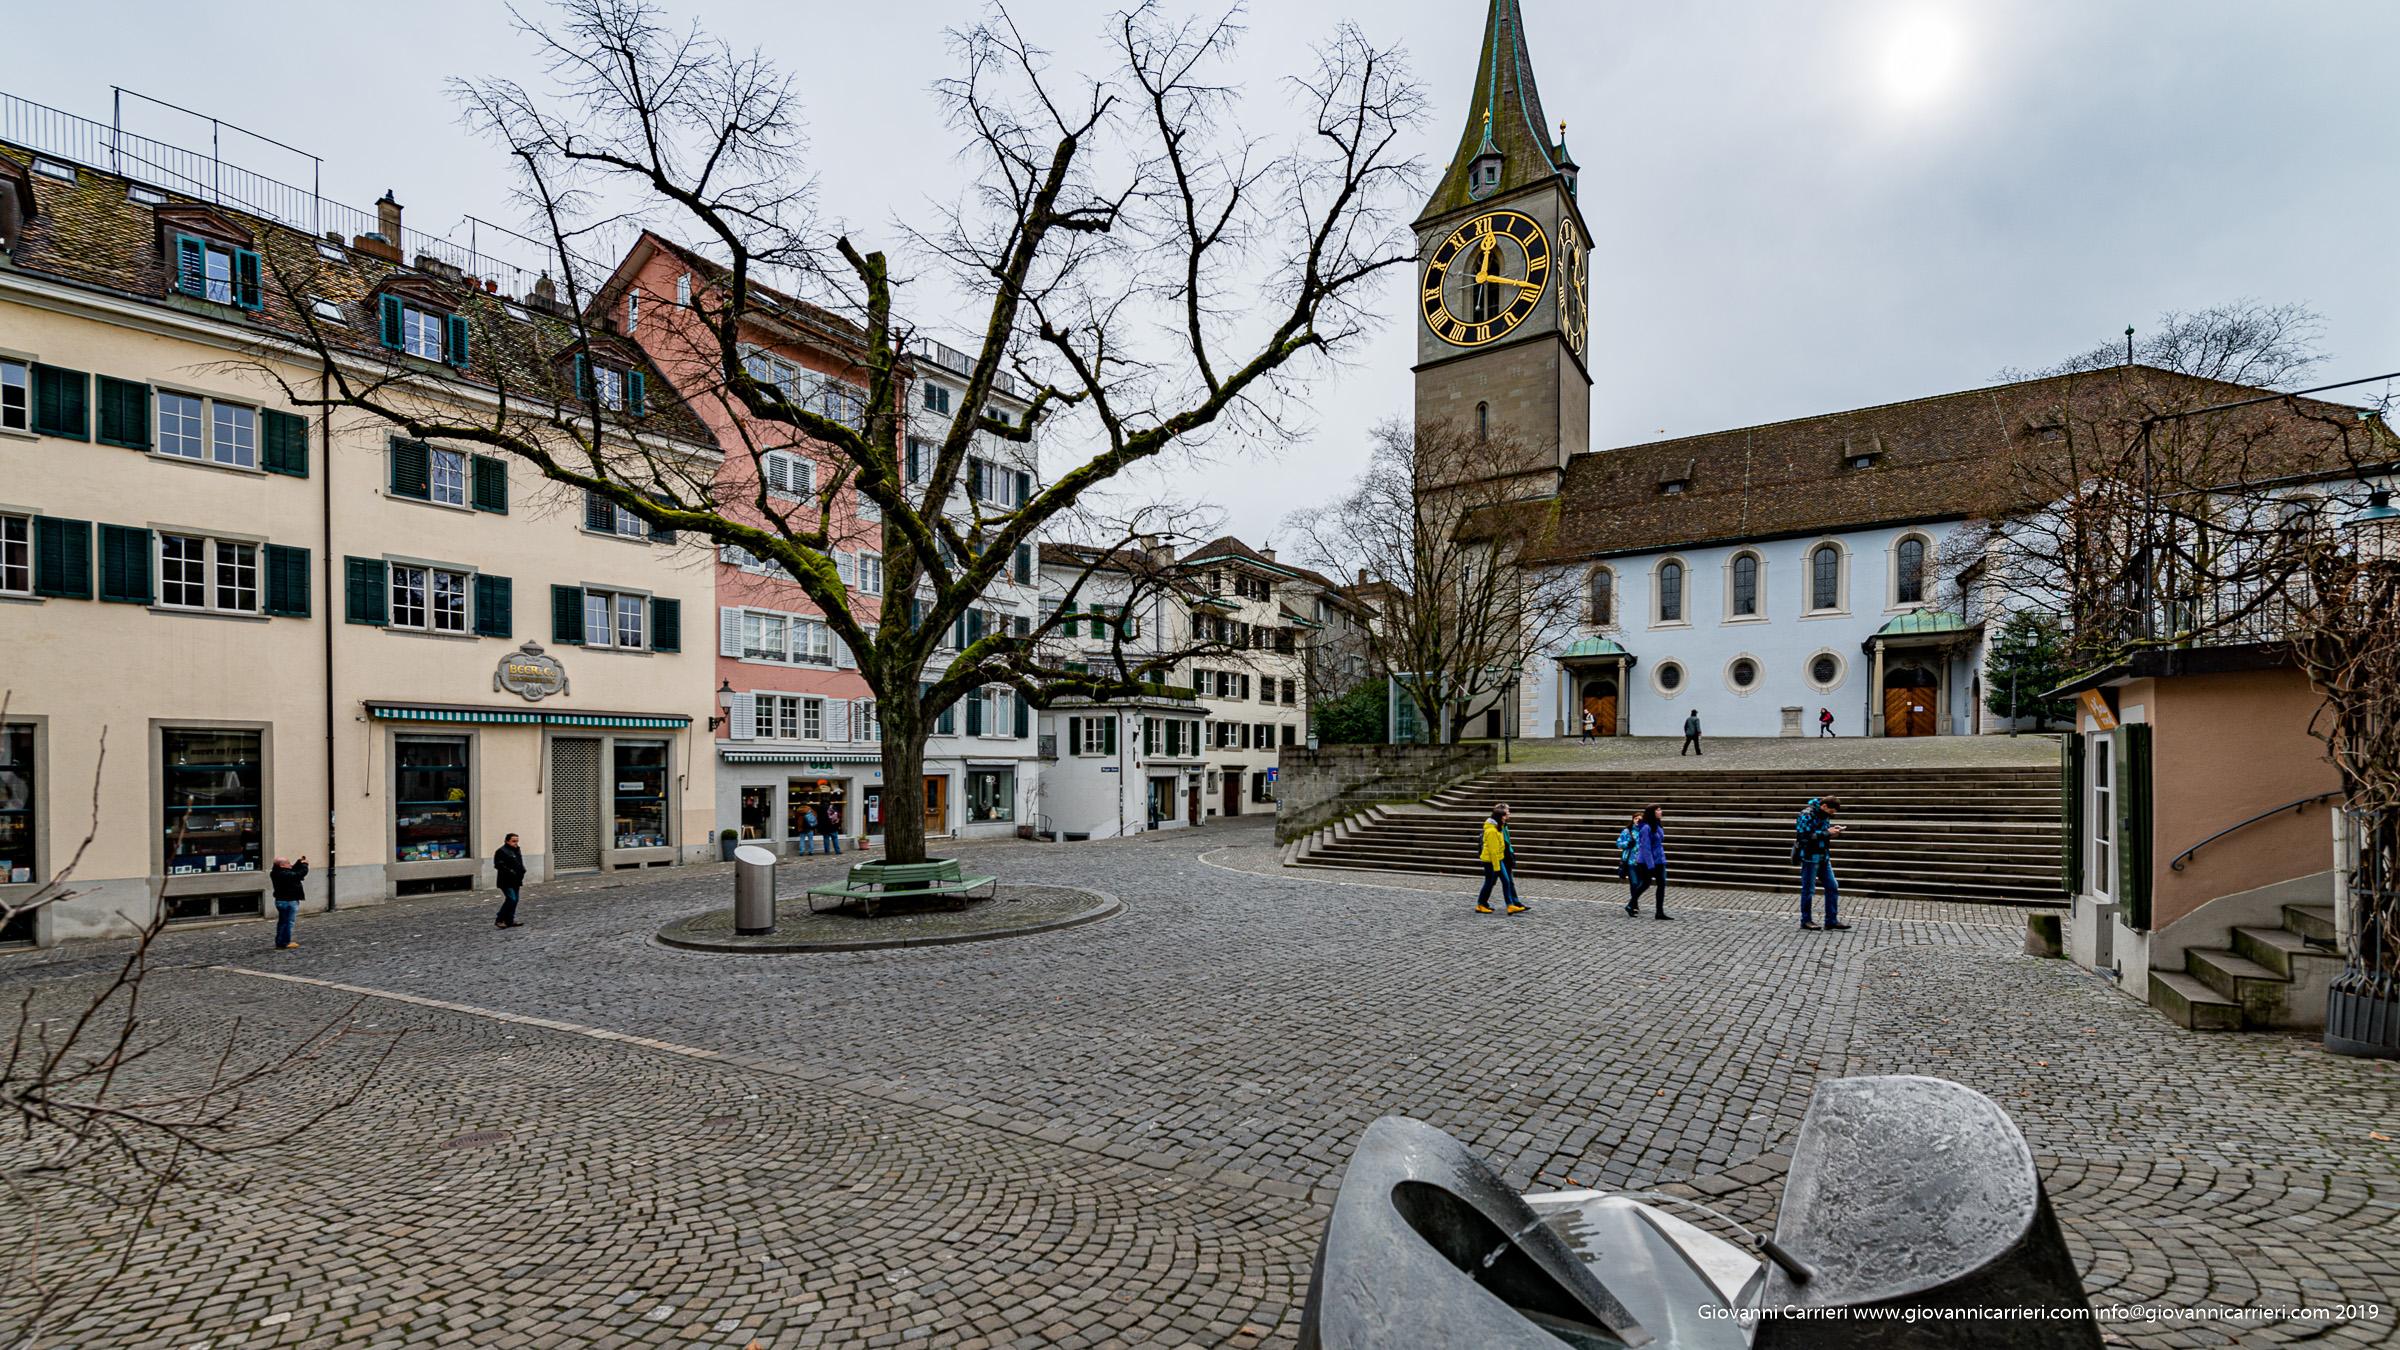 La chiesa di San Pietro con il suo campanile - Zurigo